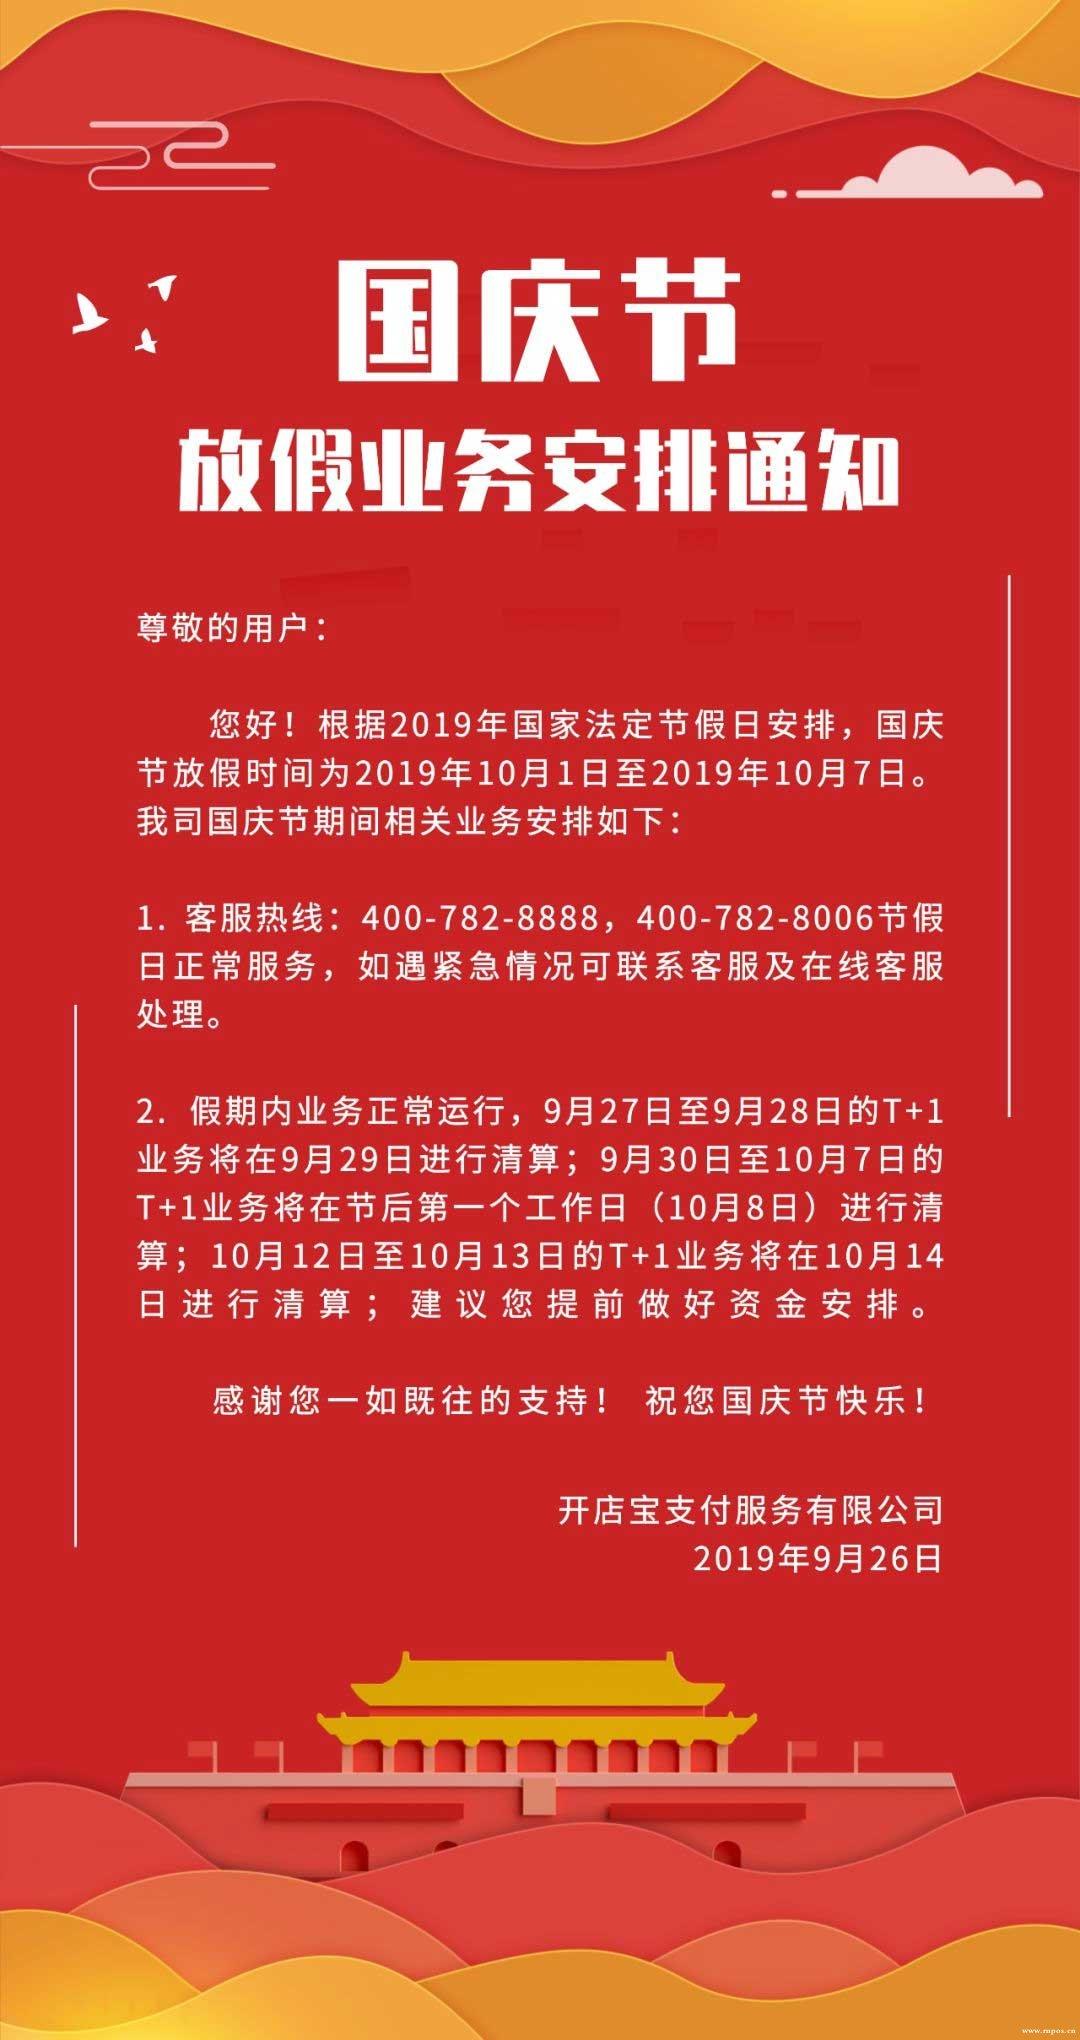 2019年开店宝国庆节放假业务安排通知